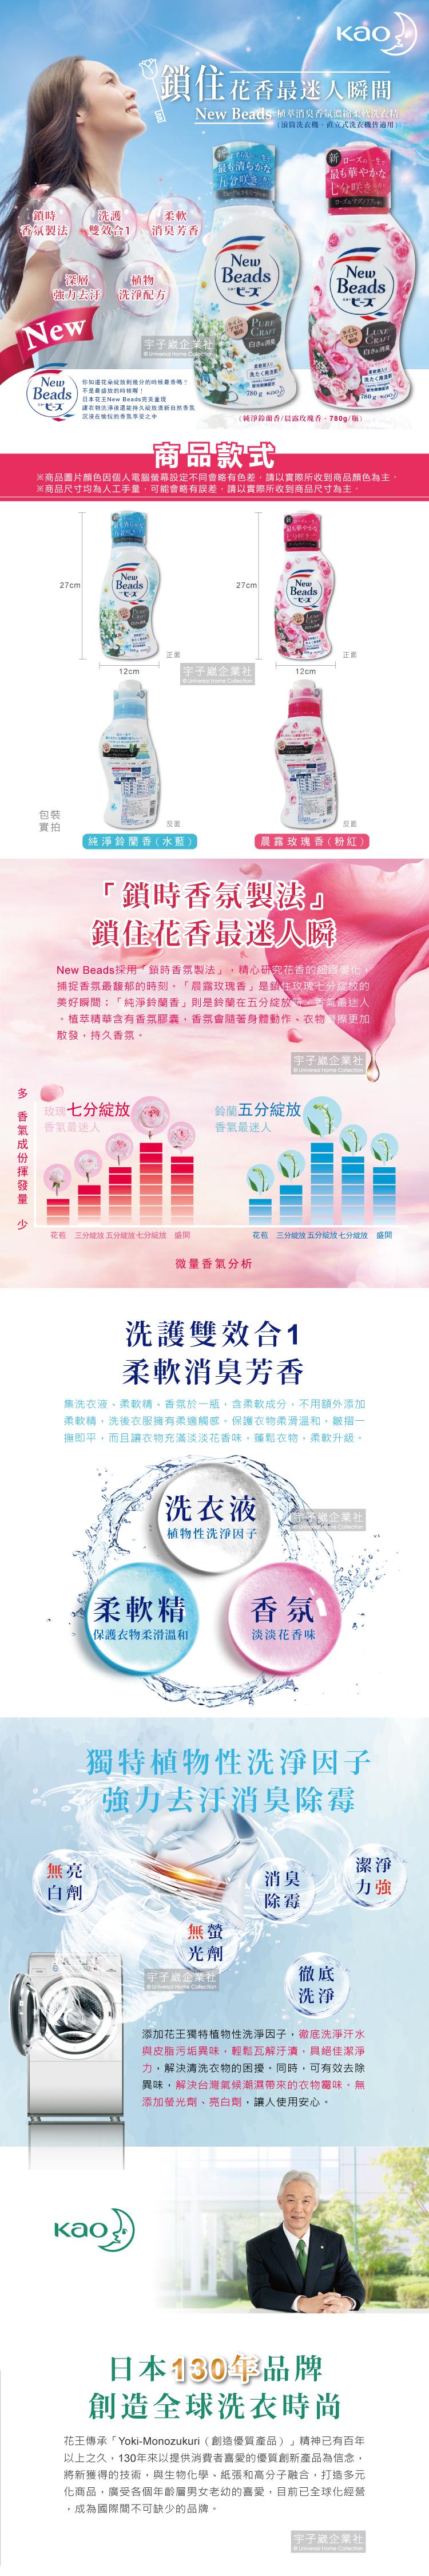 KAO花王New-Beads植萃消臭香氛濃縮柔軟洗衣精介紹圖